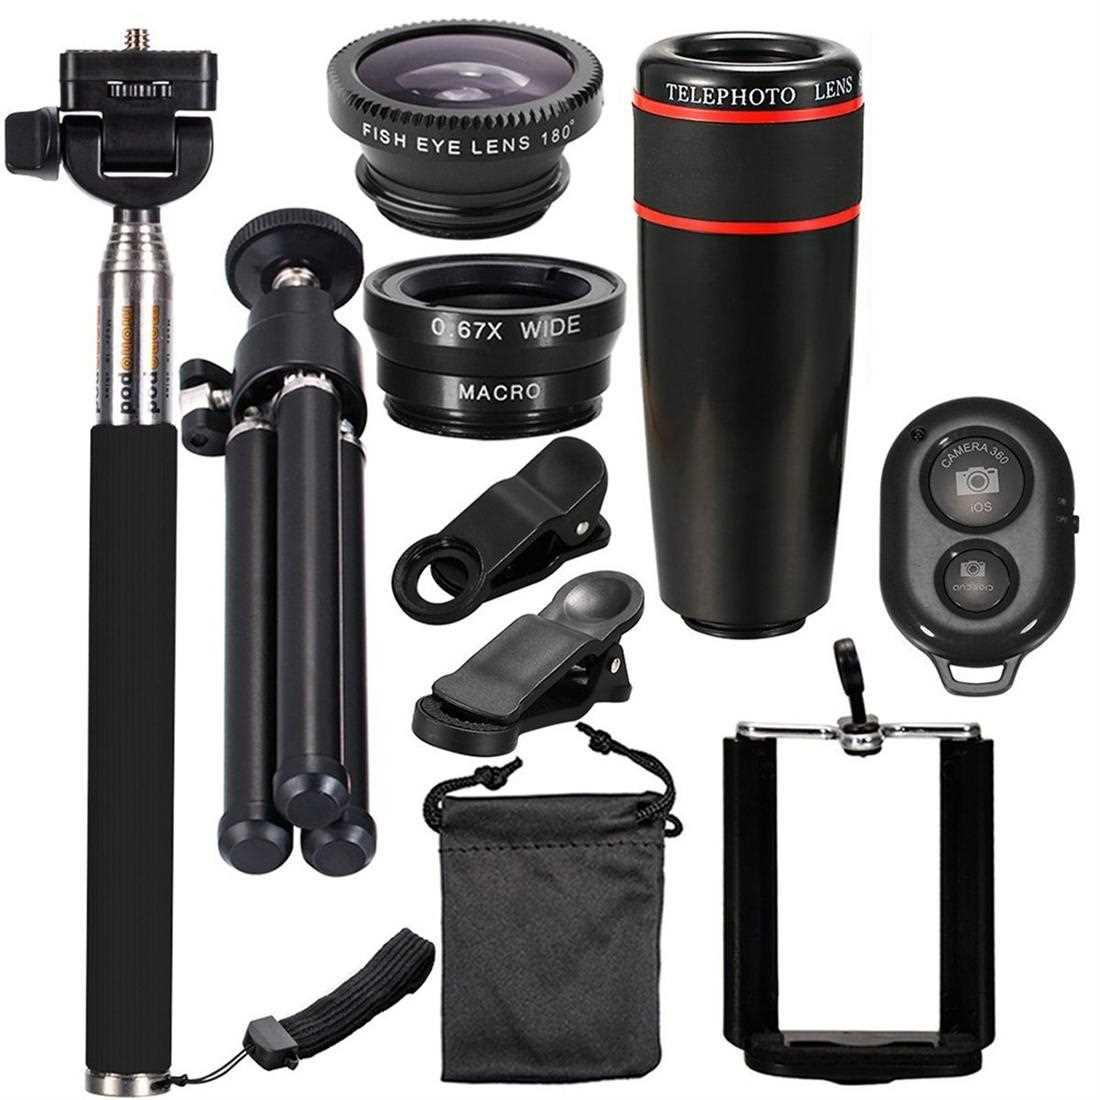 10PCS 12X Telephoto Universal Mobile Phone Lens Kits (Black)